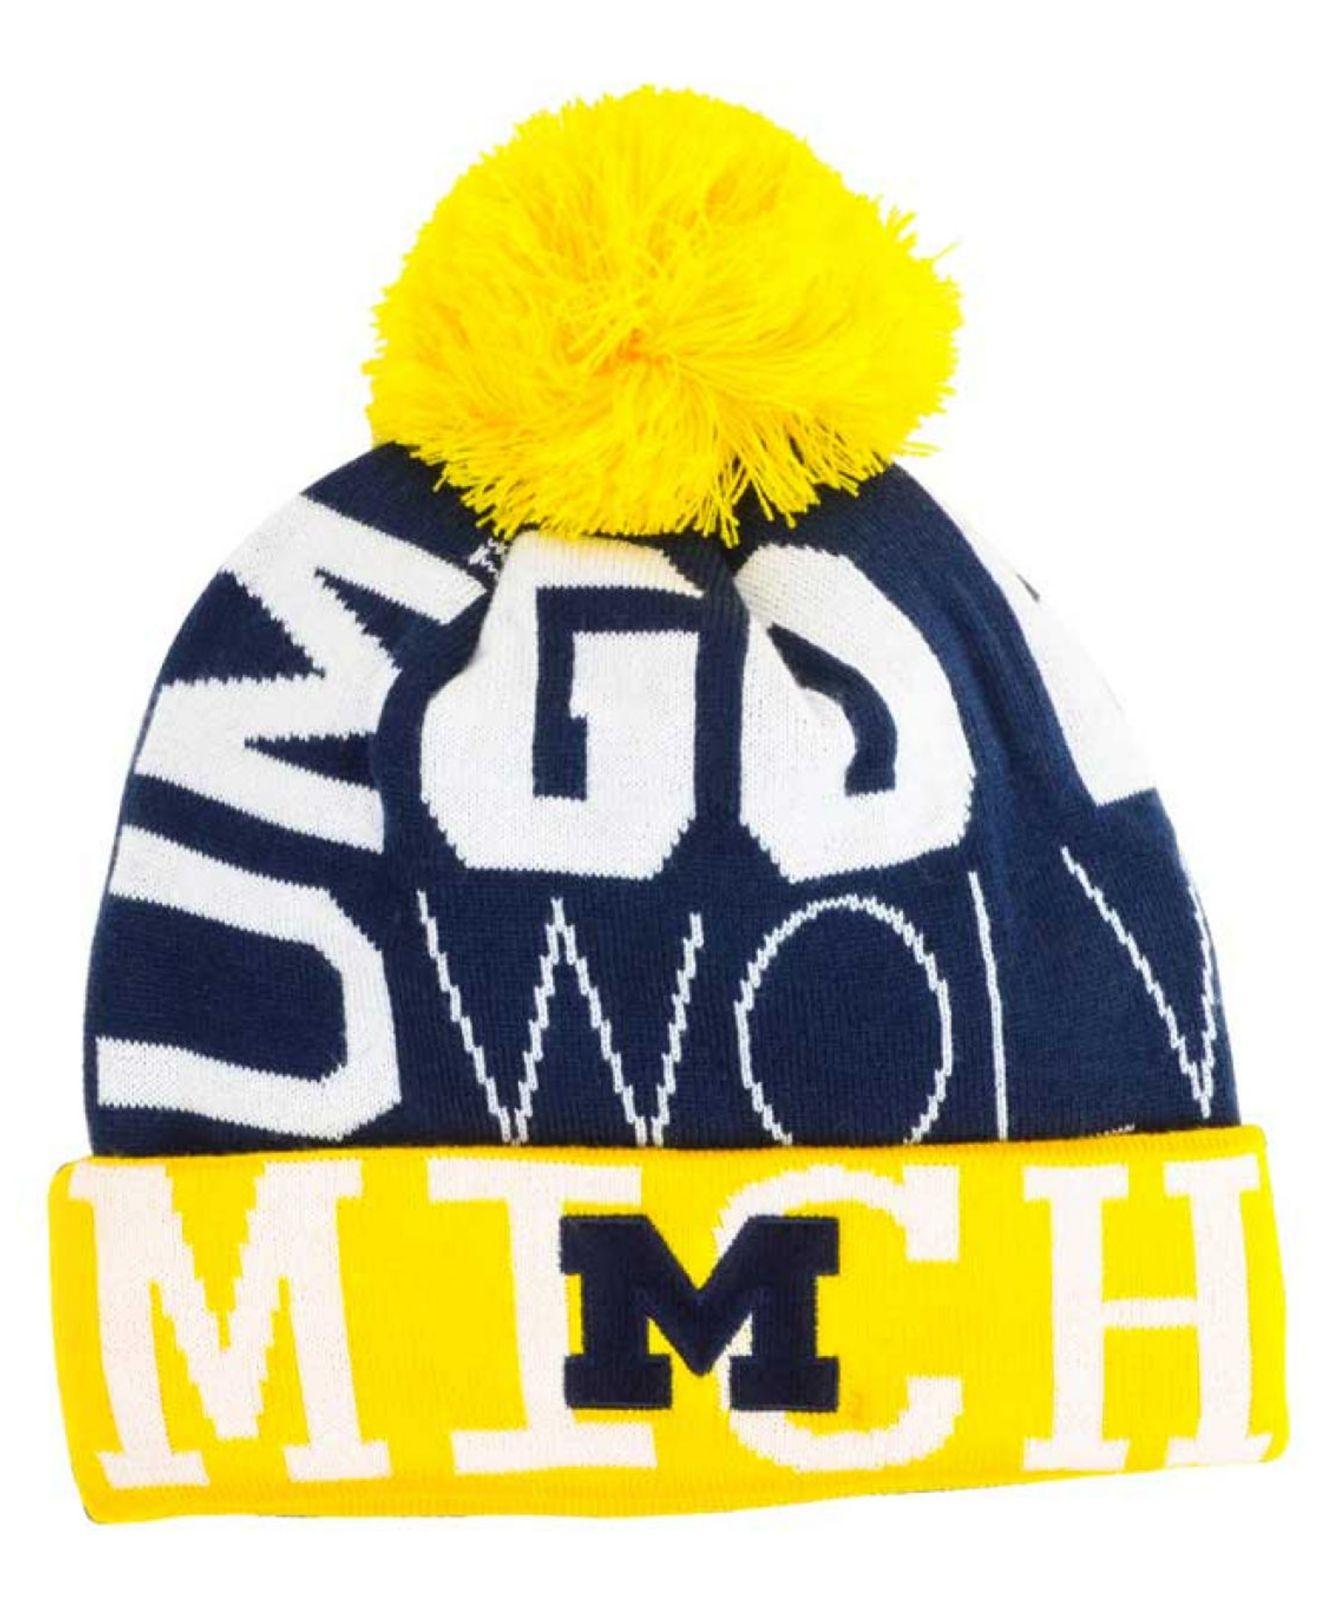 01861ac940b Lyst - adidas Michigan Wolverines Cuffed Pom Knit Hat in Metallic ...